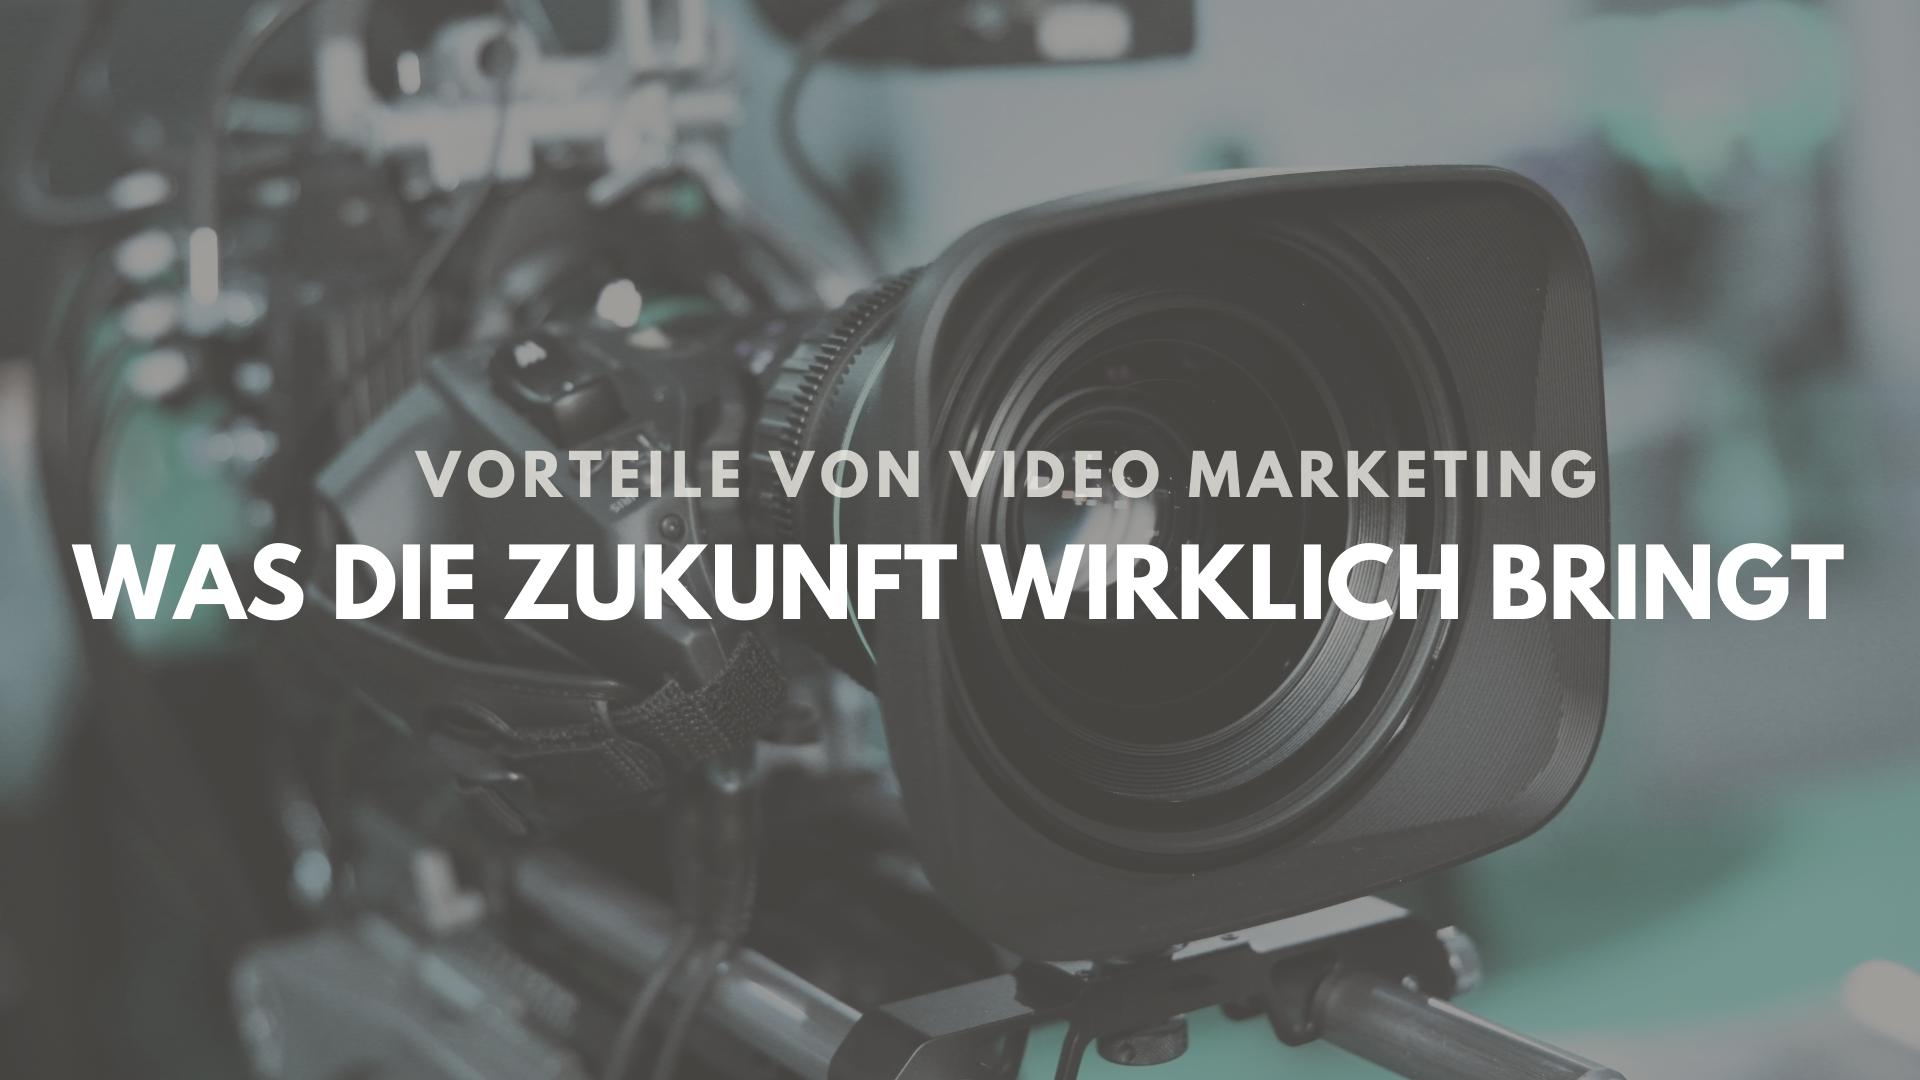 Kopie von Video Marketing Titelbild